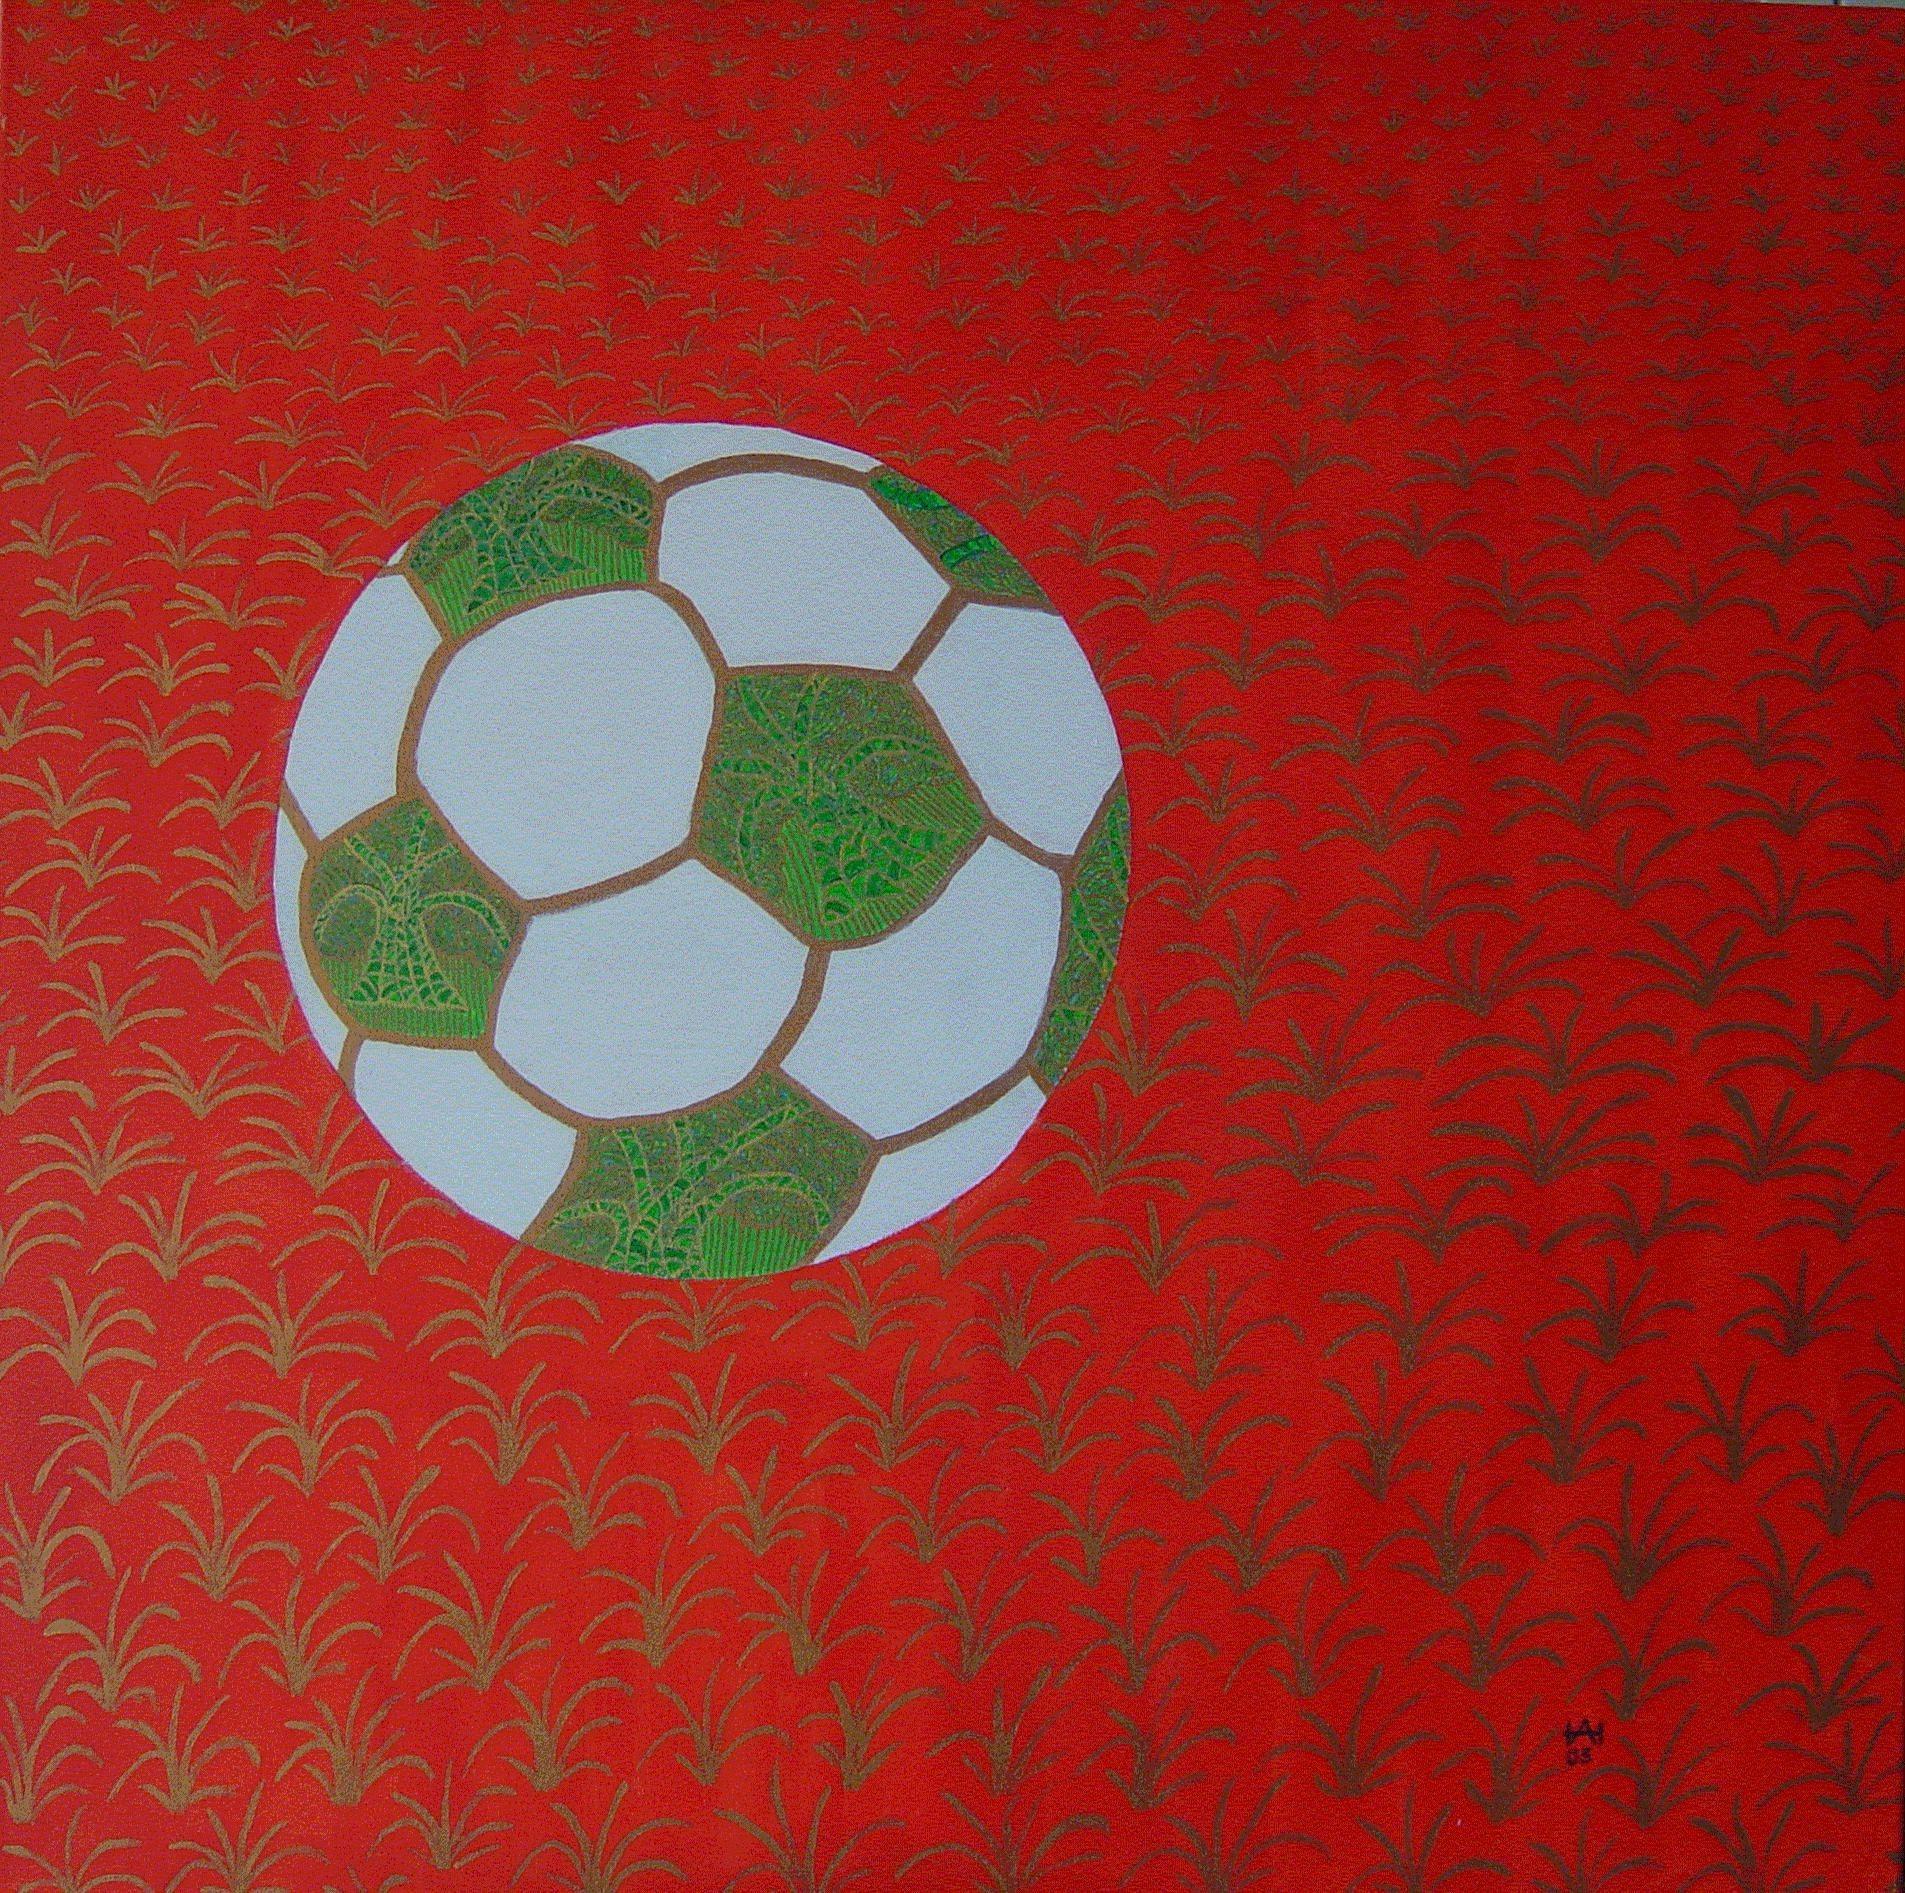 Golden-Goal-Ball-Baume